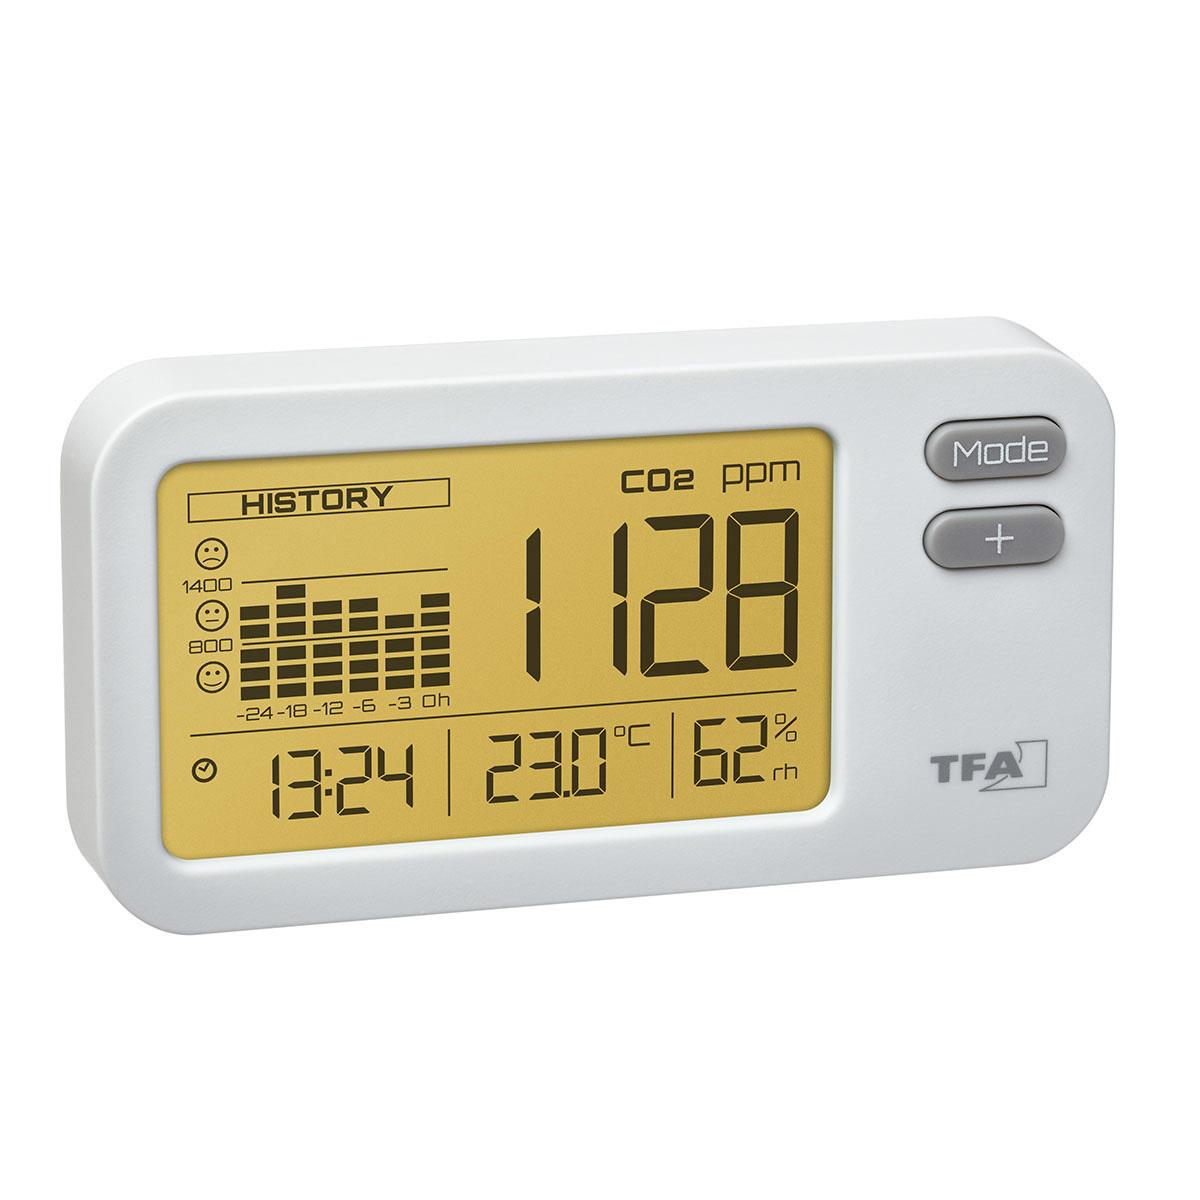 31-5009-02-co2-monitor-airco2ntrol-coach1-1200x1200px.jpg